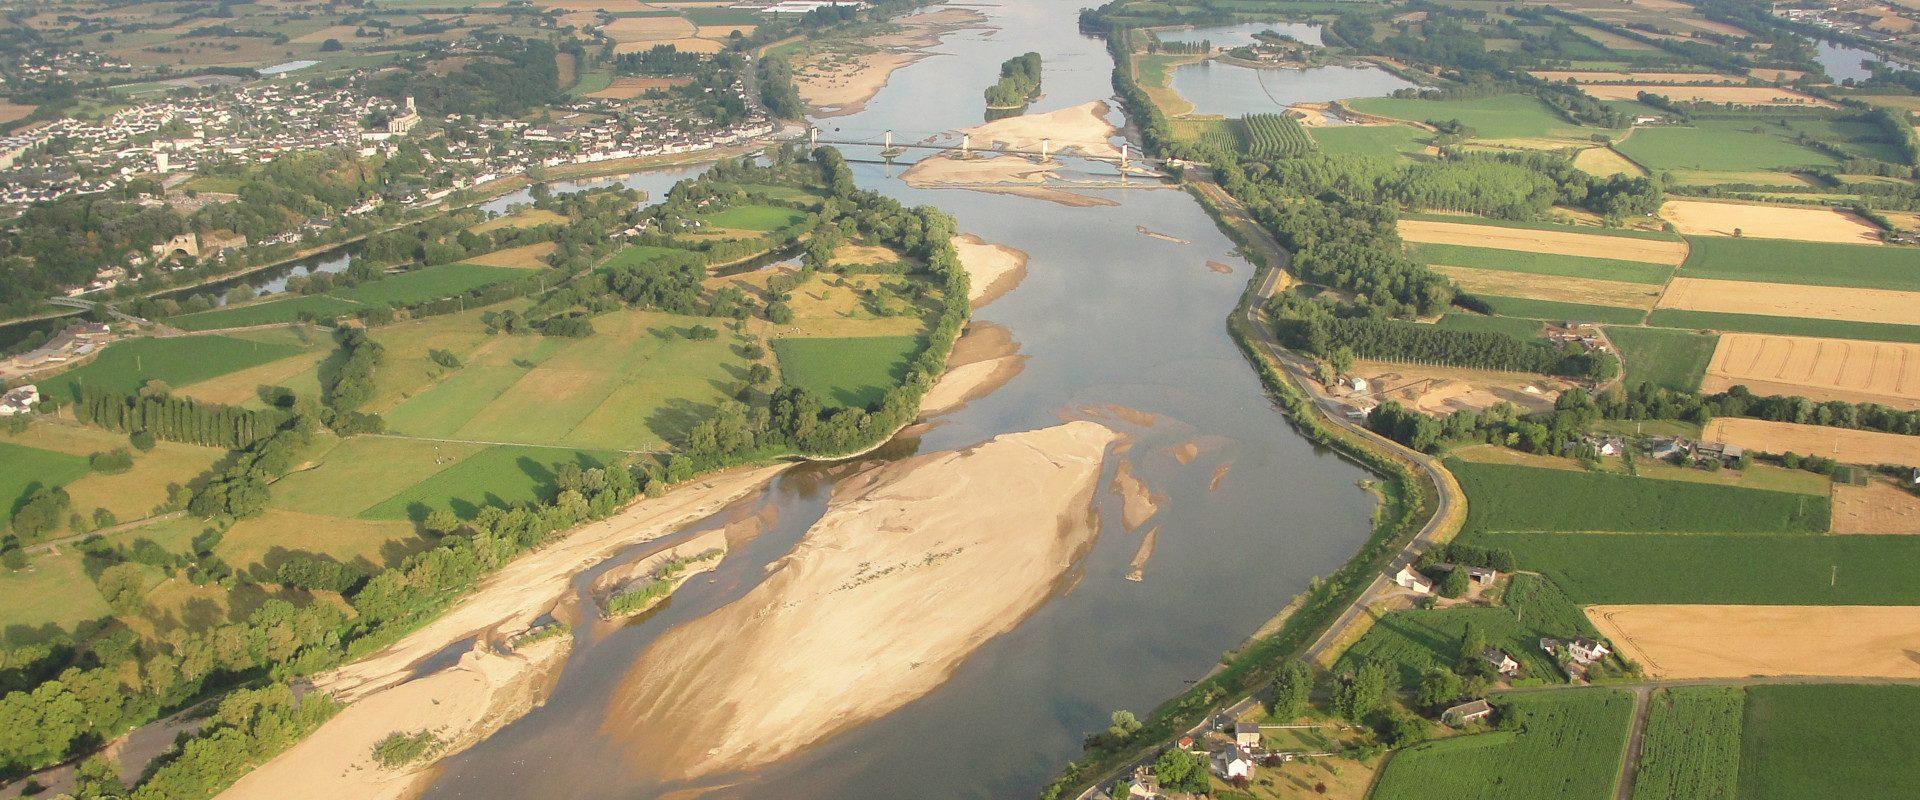 La Loire - Anjou Tourisme - Sebastien Gaudard - Hébergement de groupe - La Maison de Gabin & Augustin